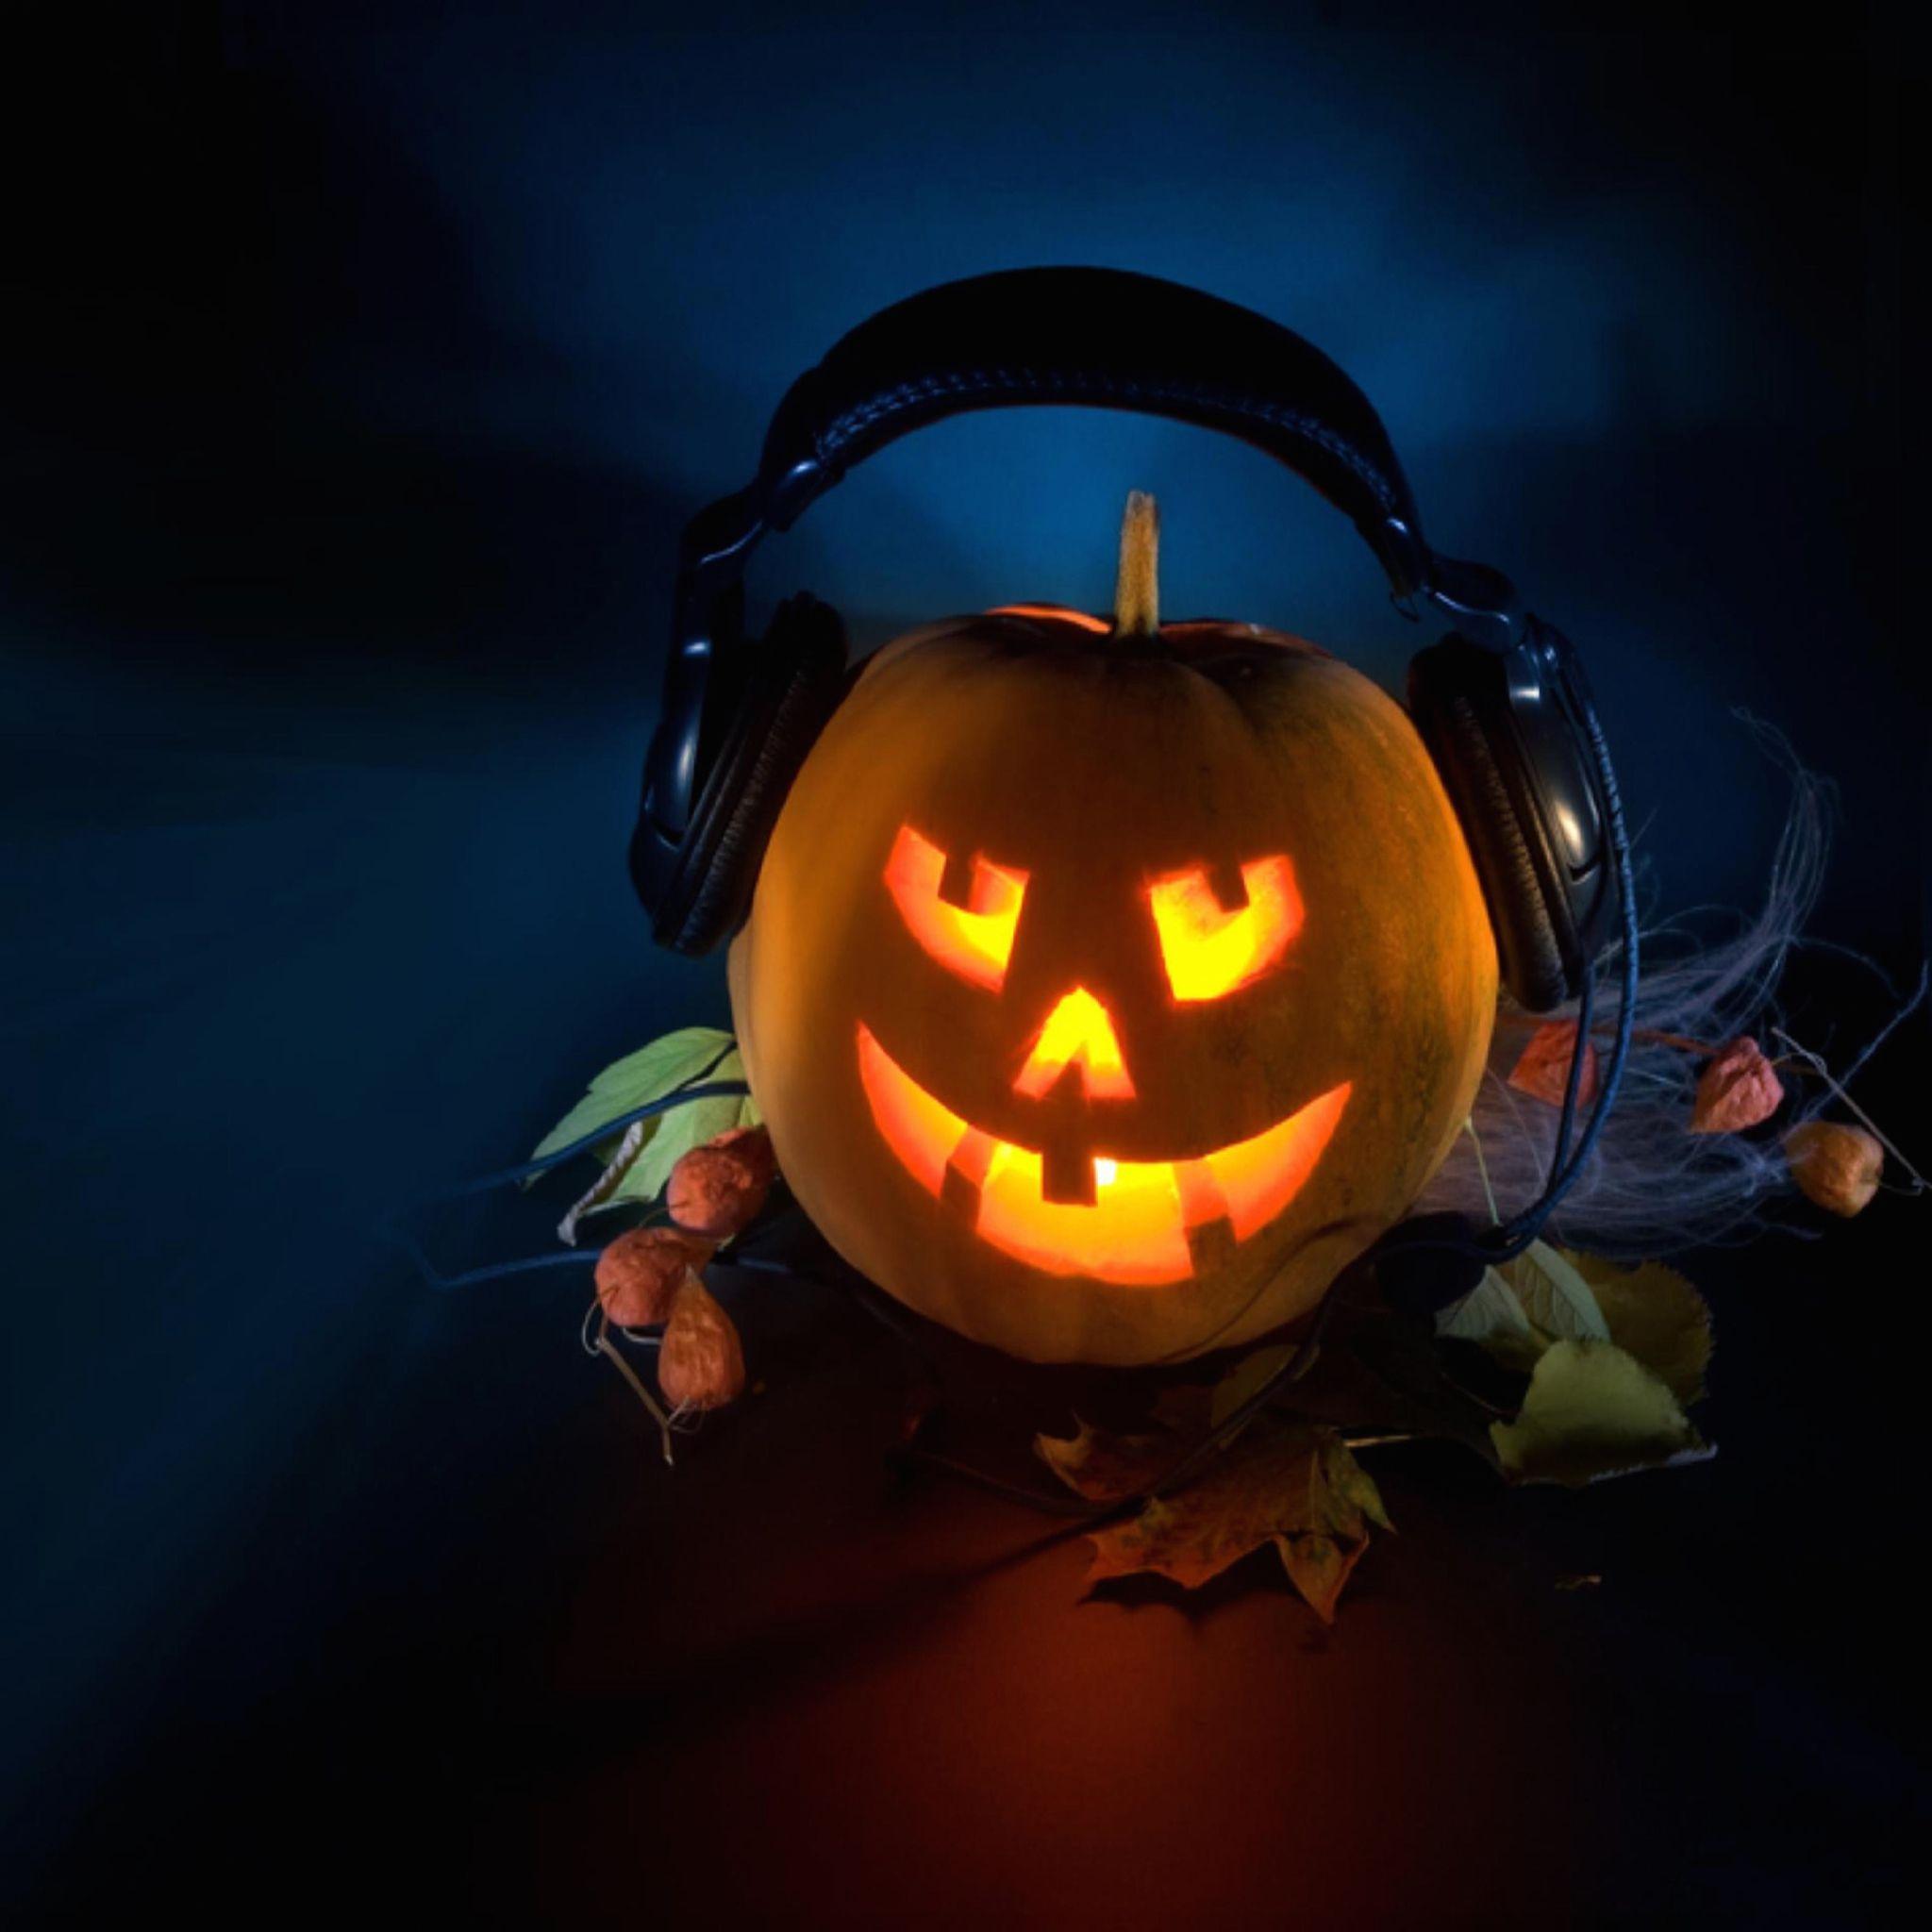 Must see Wallpaper Halloween Ipad Mini - 92900d32b2404635bf615154b01ca5a4  Image_628354.jpg